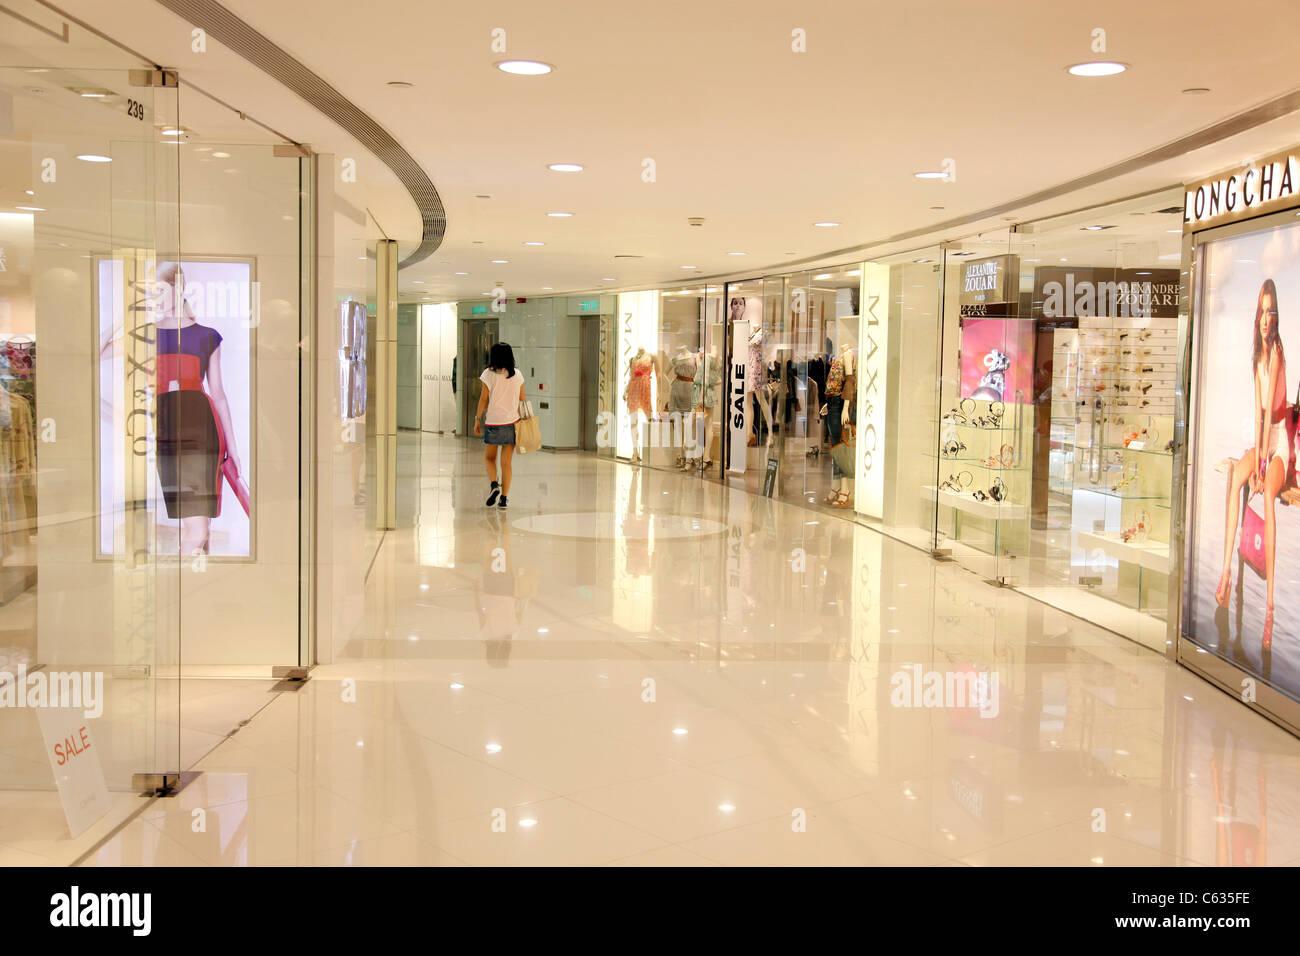 Lungo Il Corridoio In Inglese : Donna che cammina nella distanza lungo un corridoio in un centro